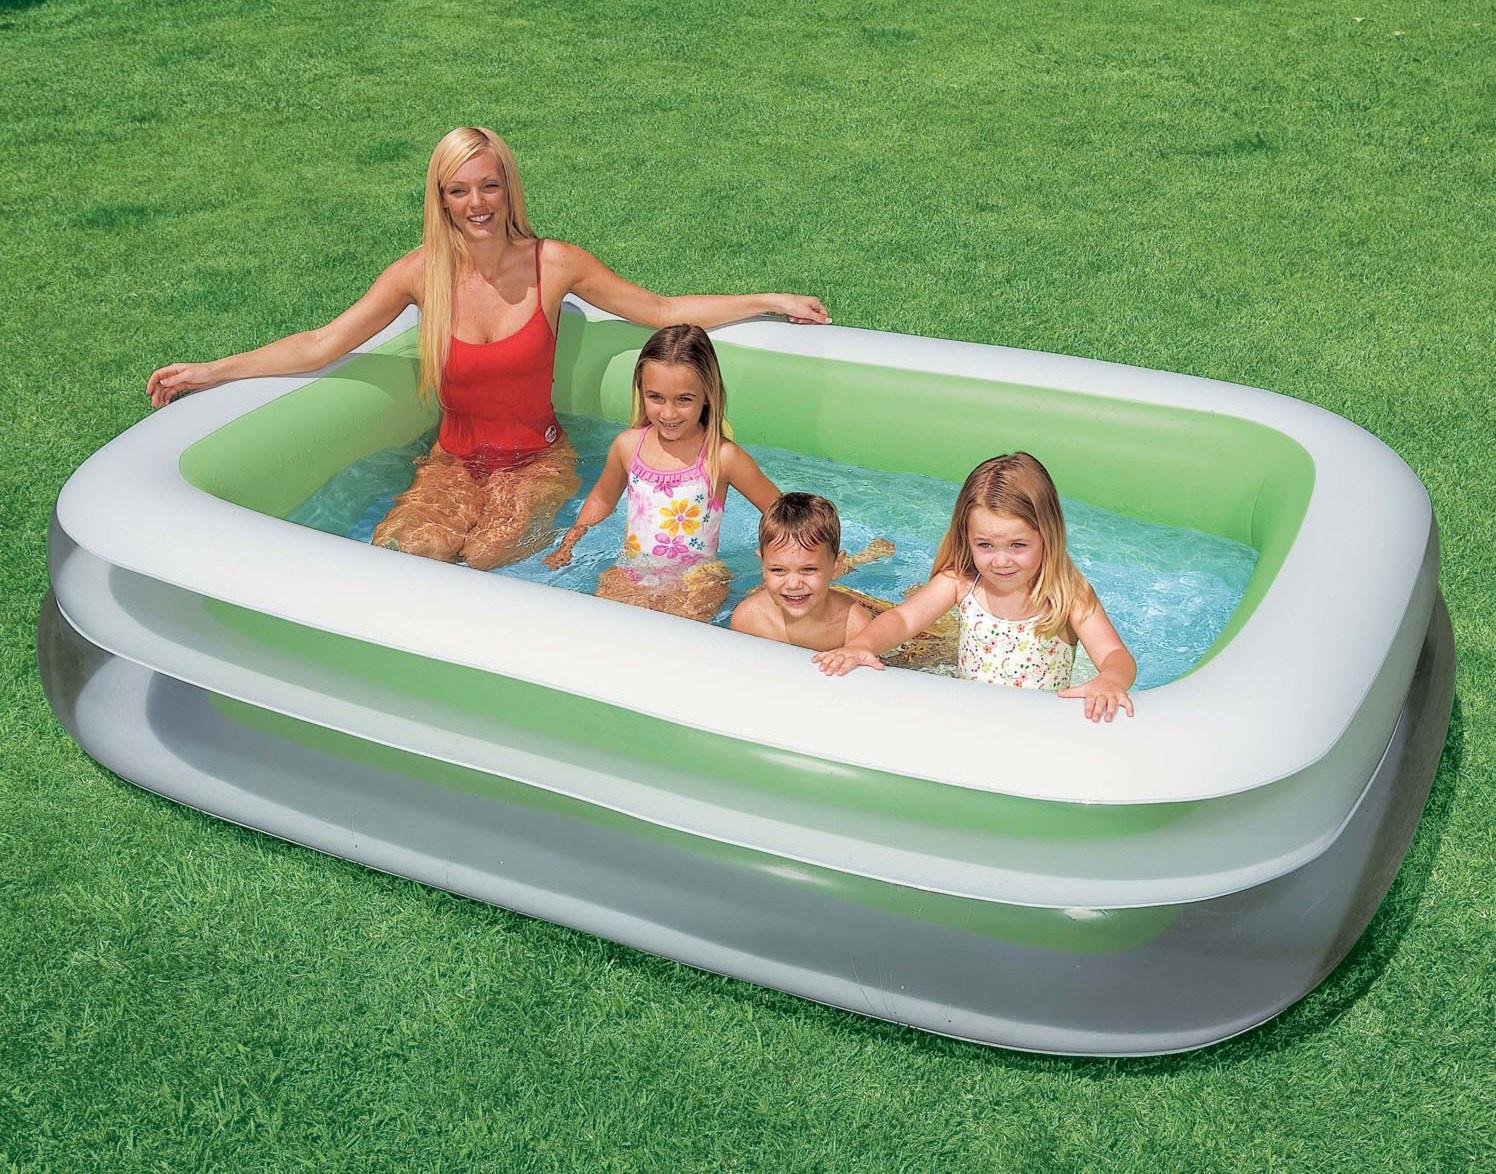 Обустройство: Какой бассейн выбрать для дачи?